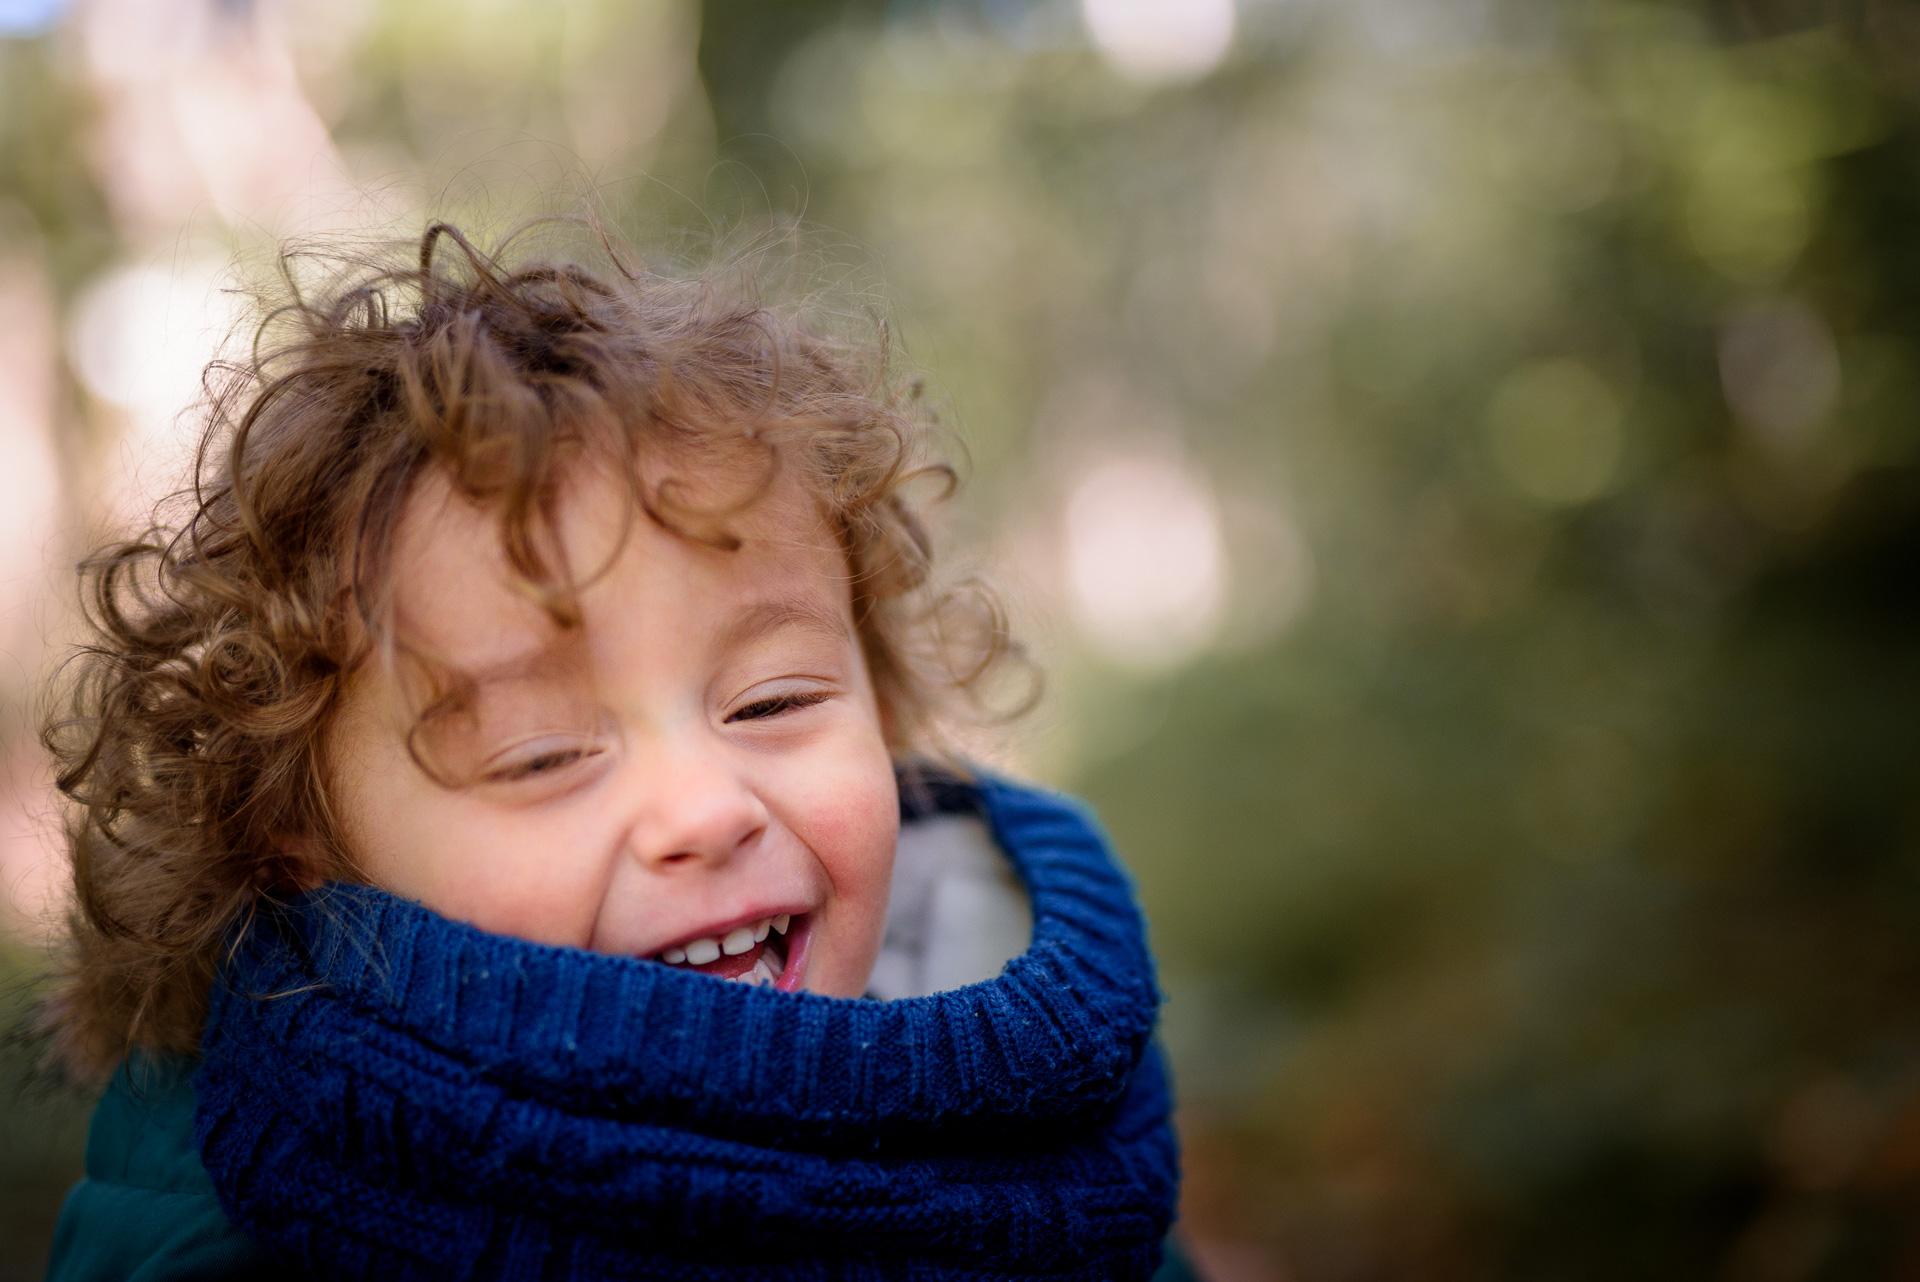 photographe famille enfant paris Yvelines bébé Sandrine Siryani Chatou reportage Rueil-malmaison Saint-Germain-en-laye